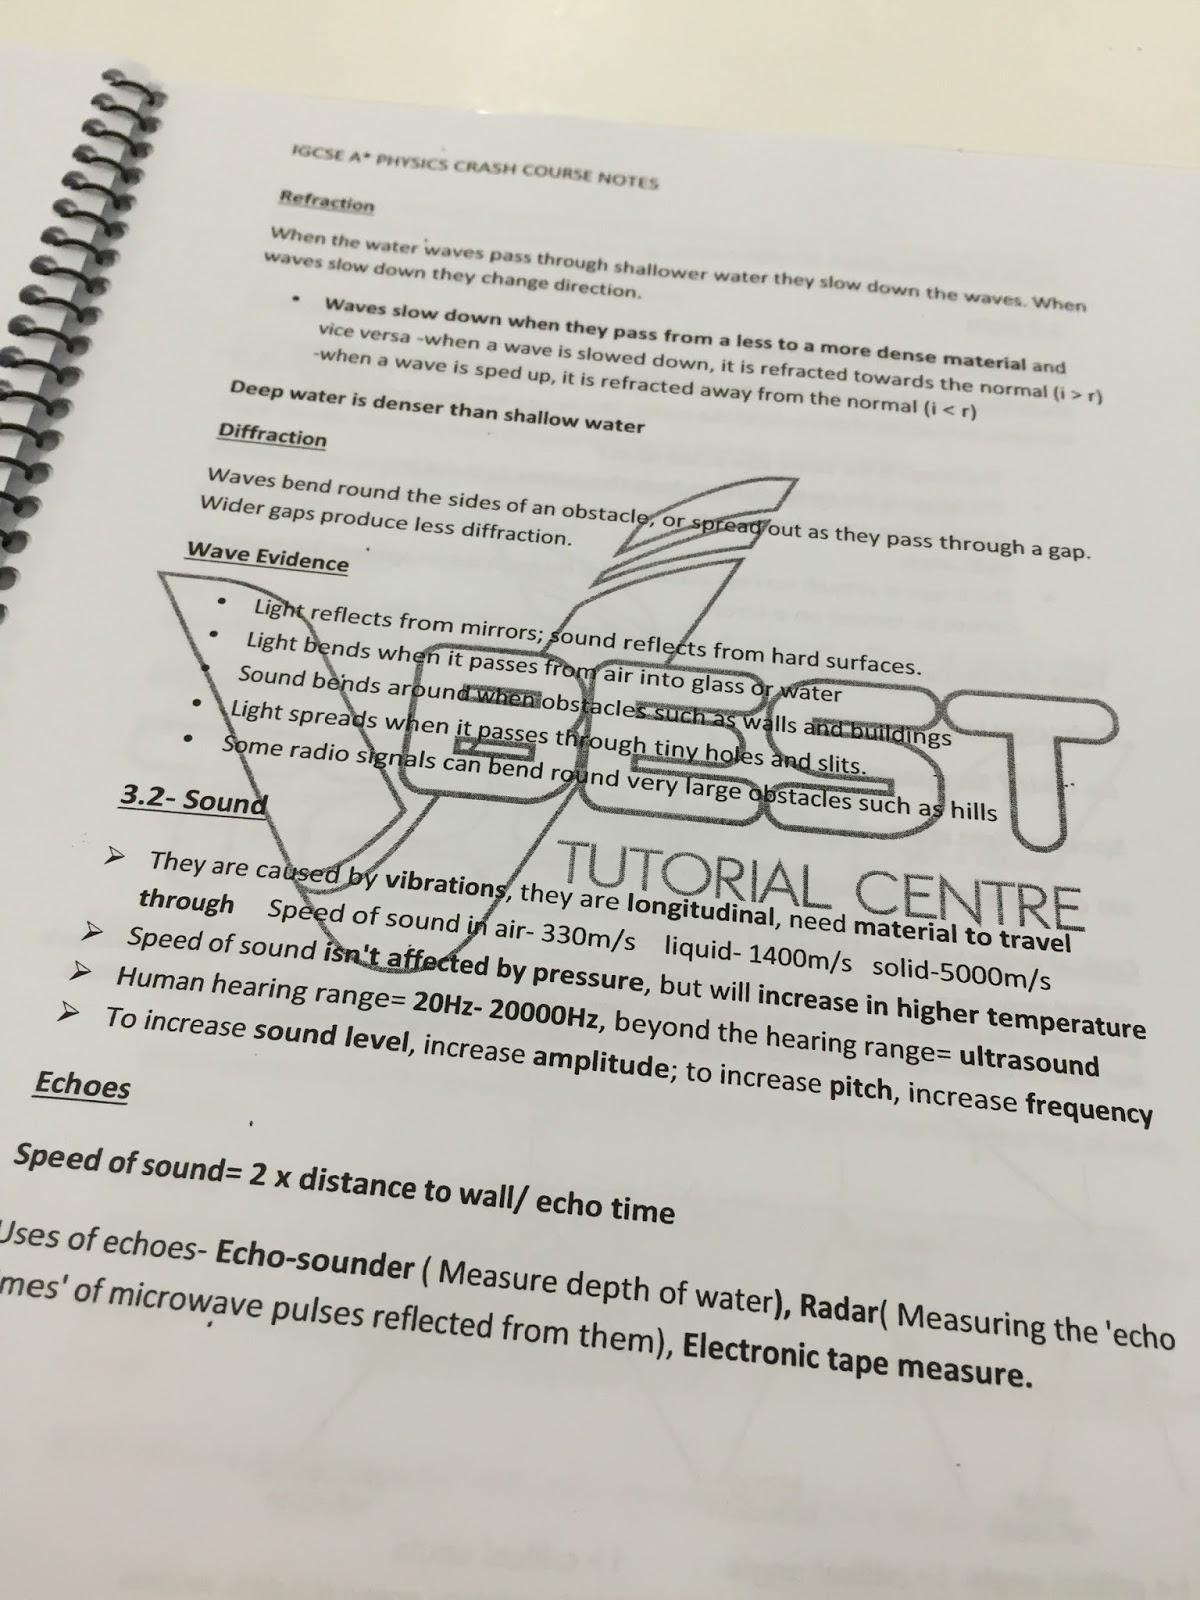 IGCSE Crash Course Notes - mr sai mun